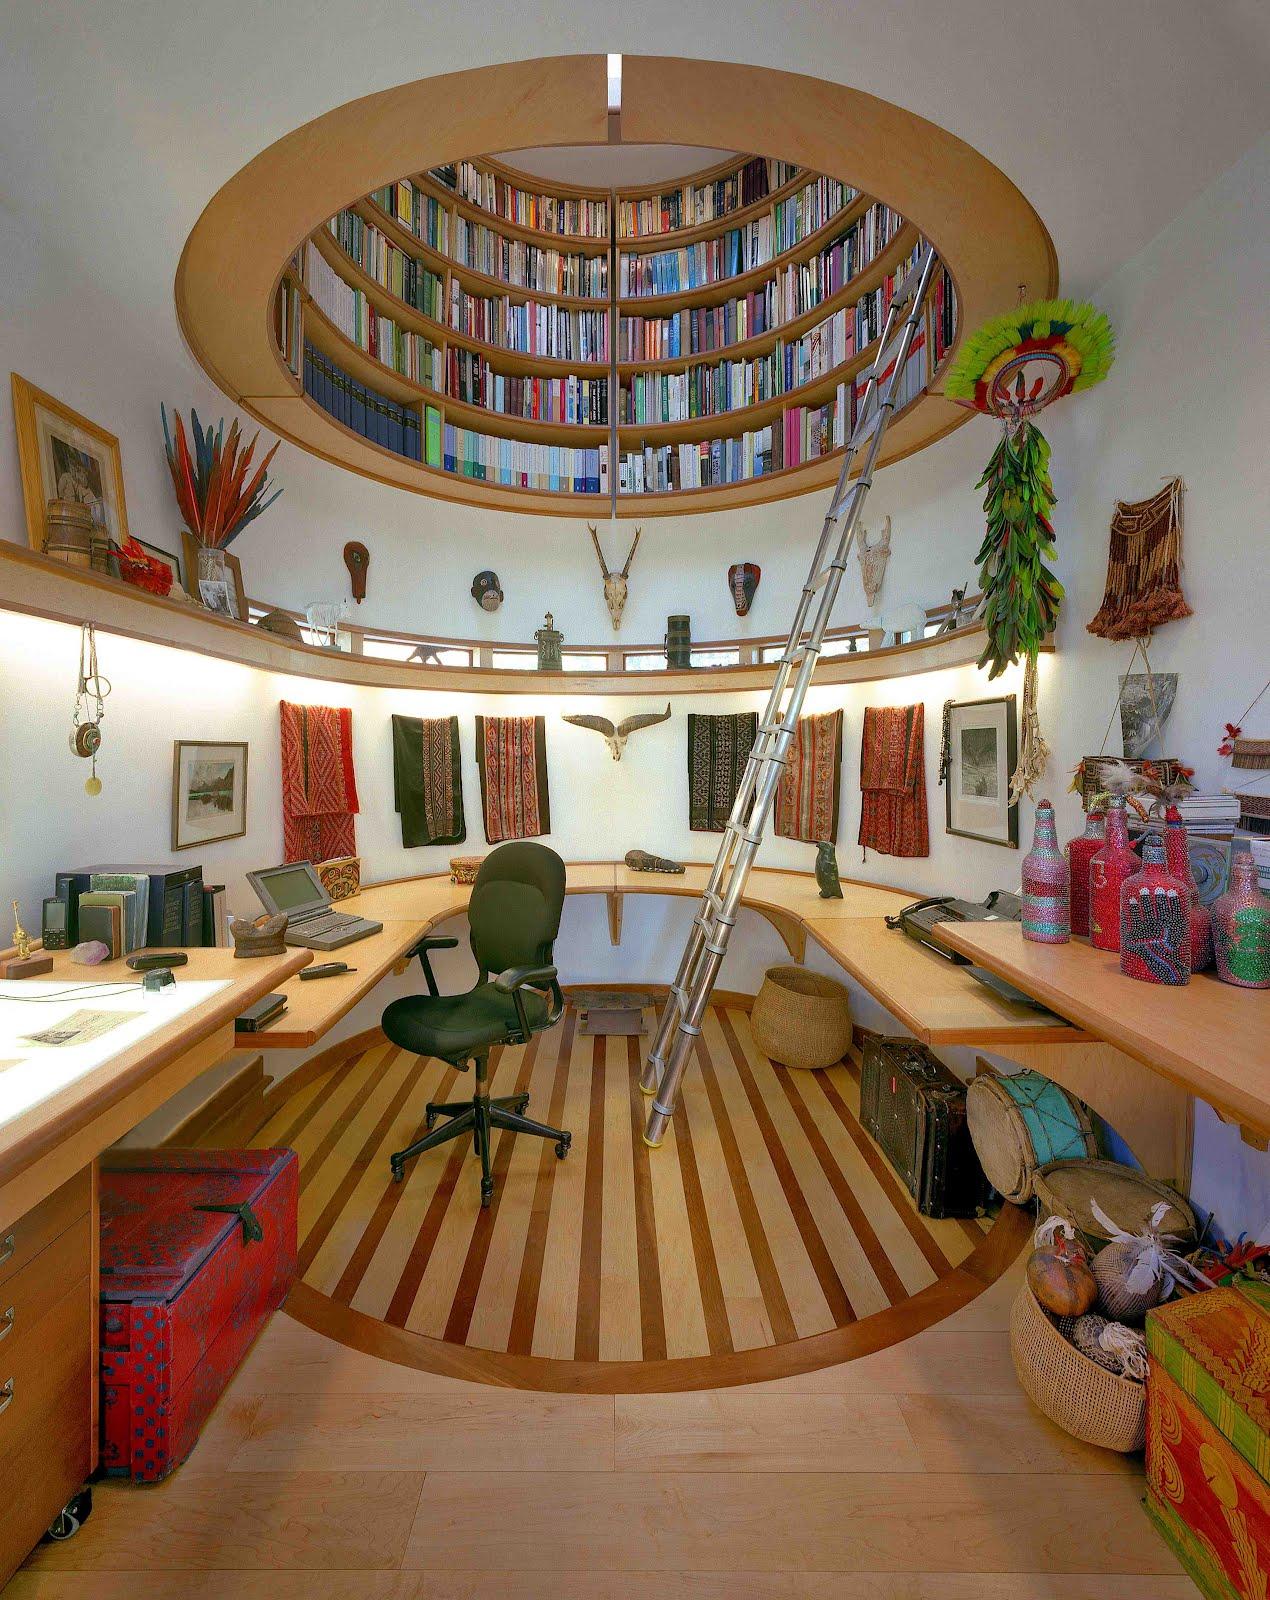 Schrijfstudio ontworpen door Travis Price voor Wade Davis.